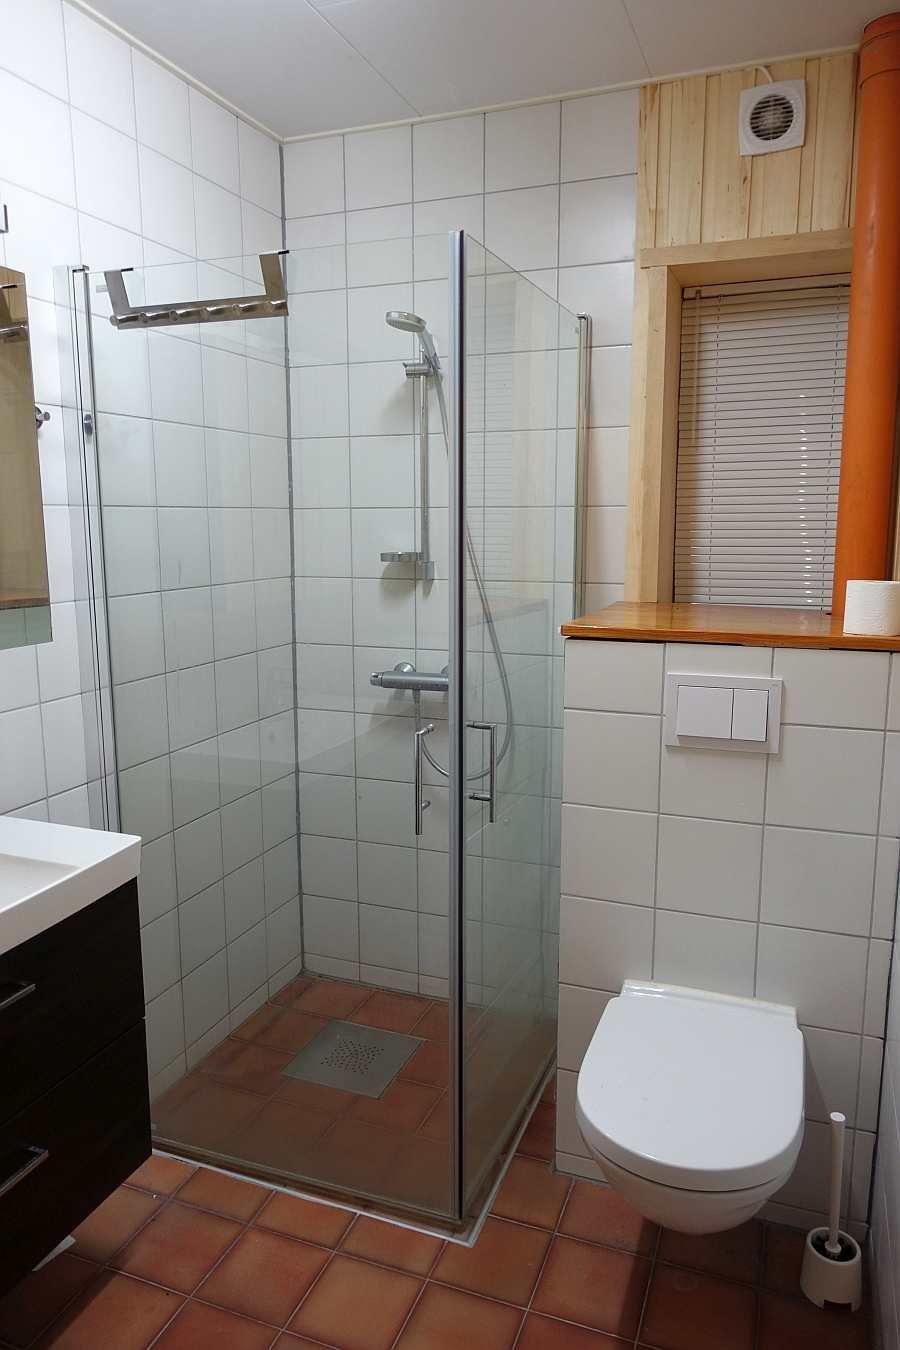 Das erste Badezimmer im Haus - hier mit Waschtisch, Dusche und WC. Fußbodenheizung vorhanden